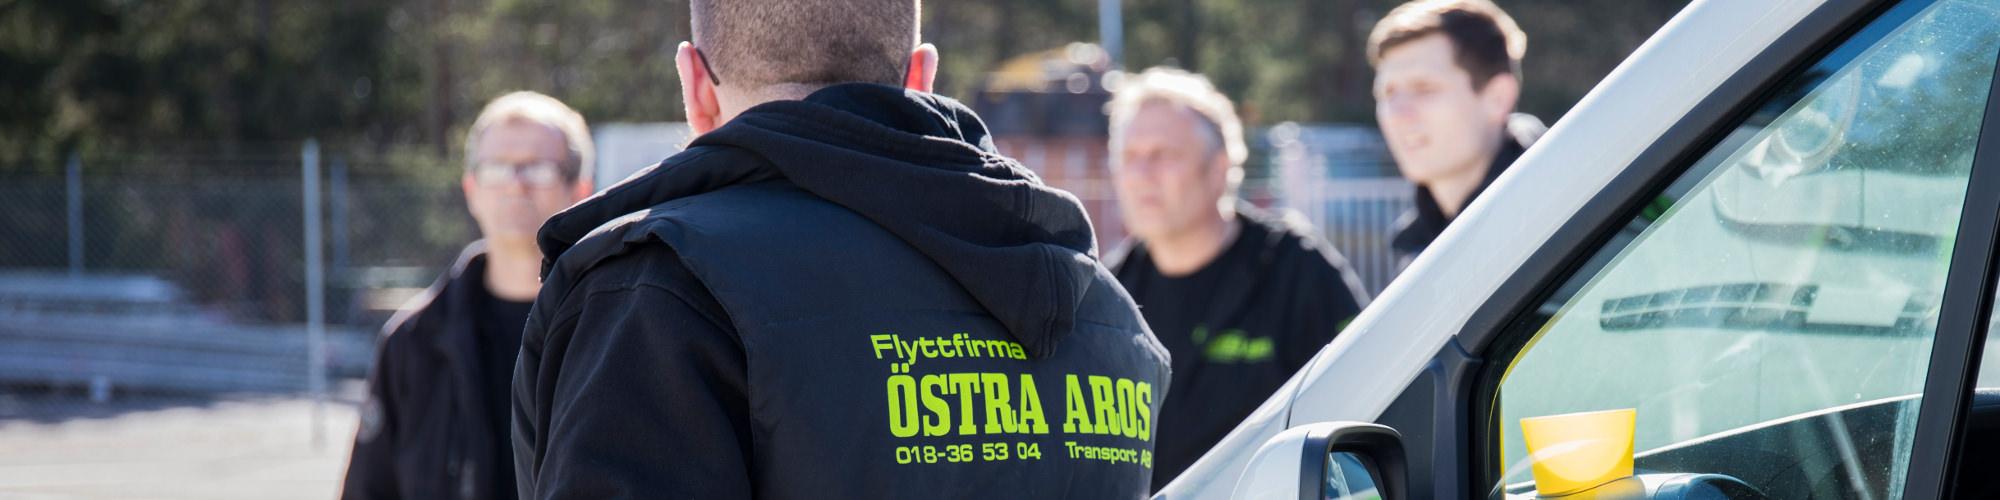 Kontorsflytt Flyttfirma Östra Aros